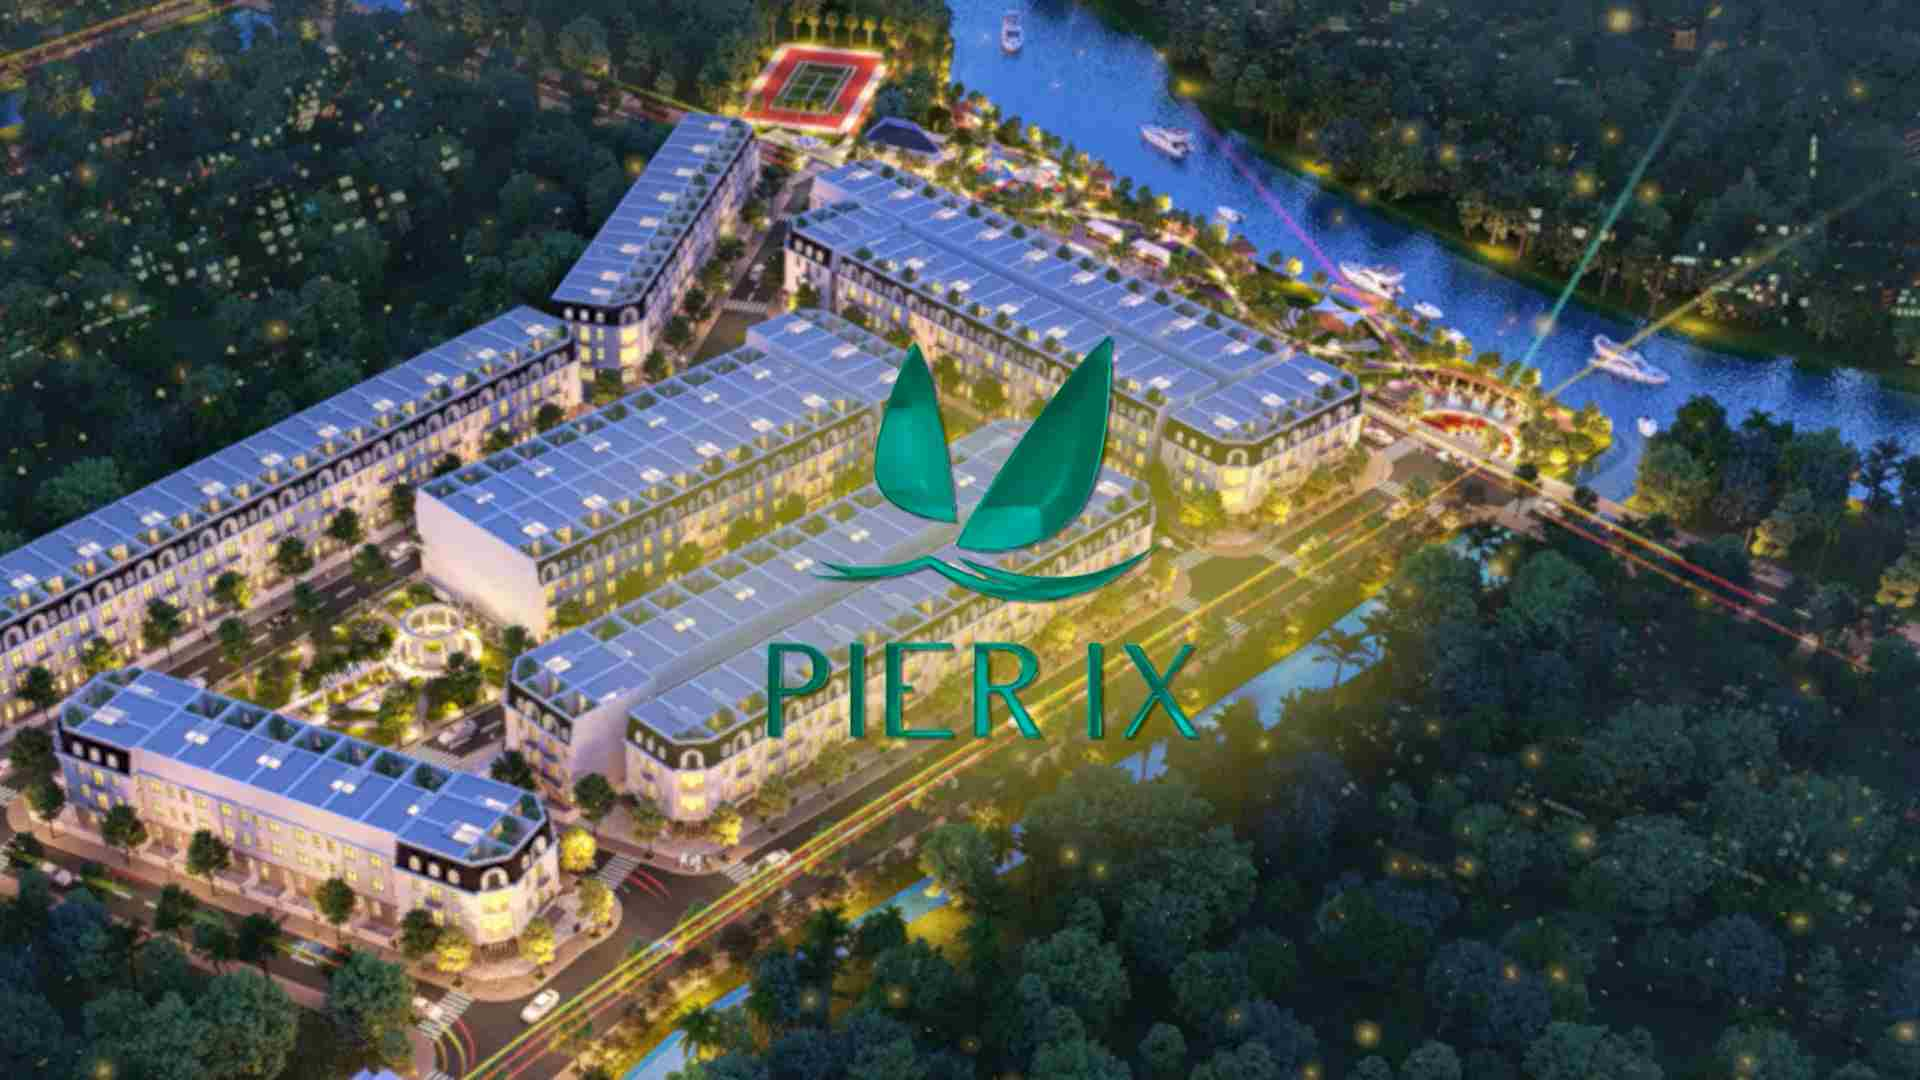 Pier IX Thới An Quận 12 - Tổng quan dự án đất nền nhà phố